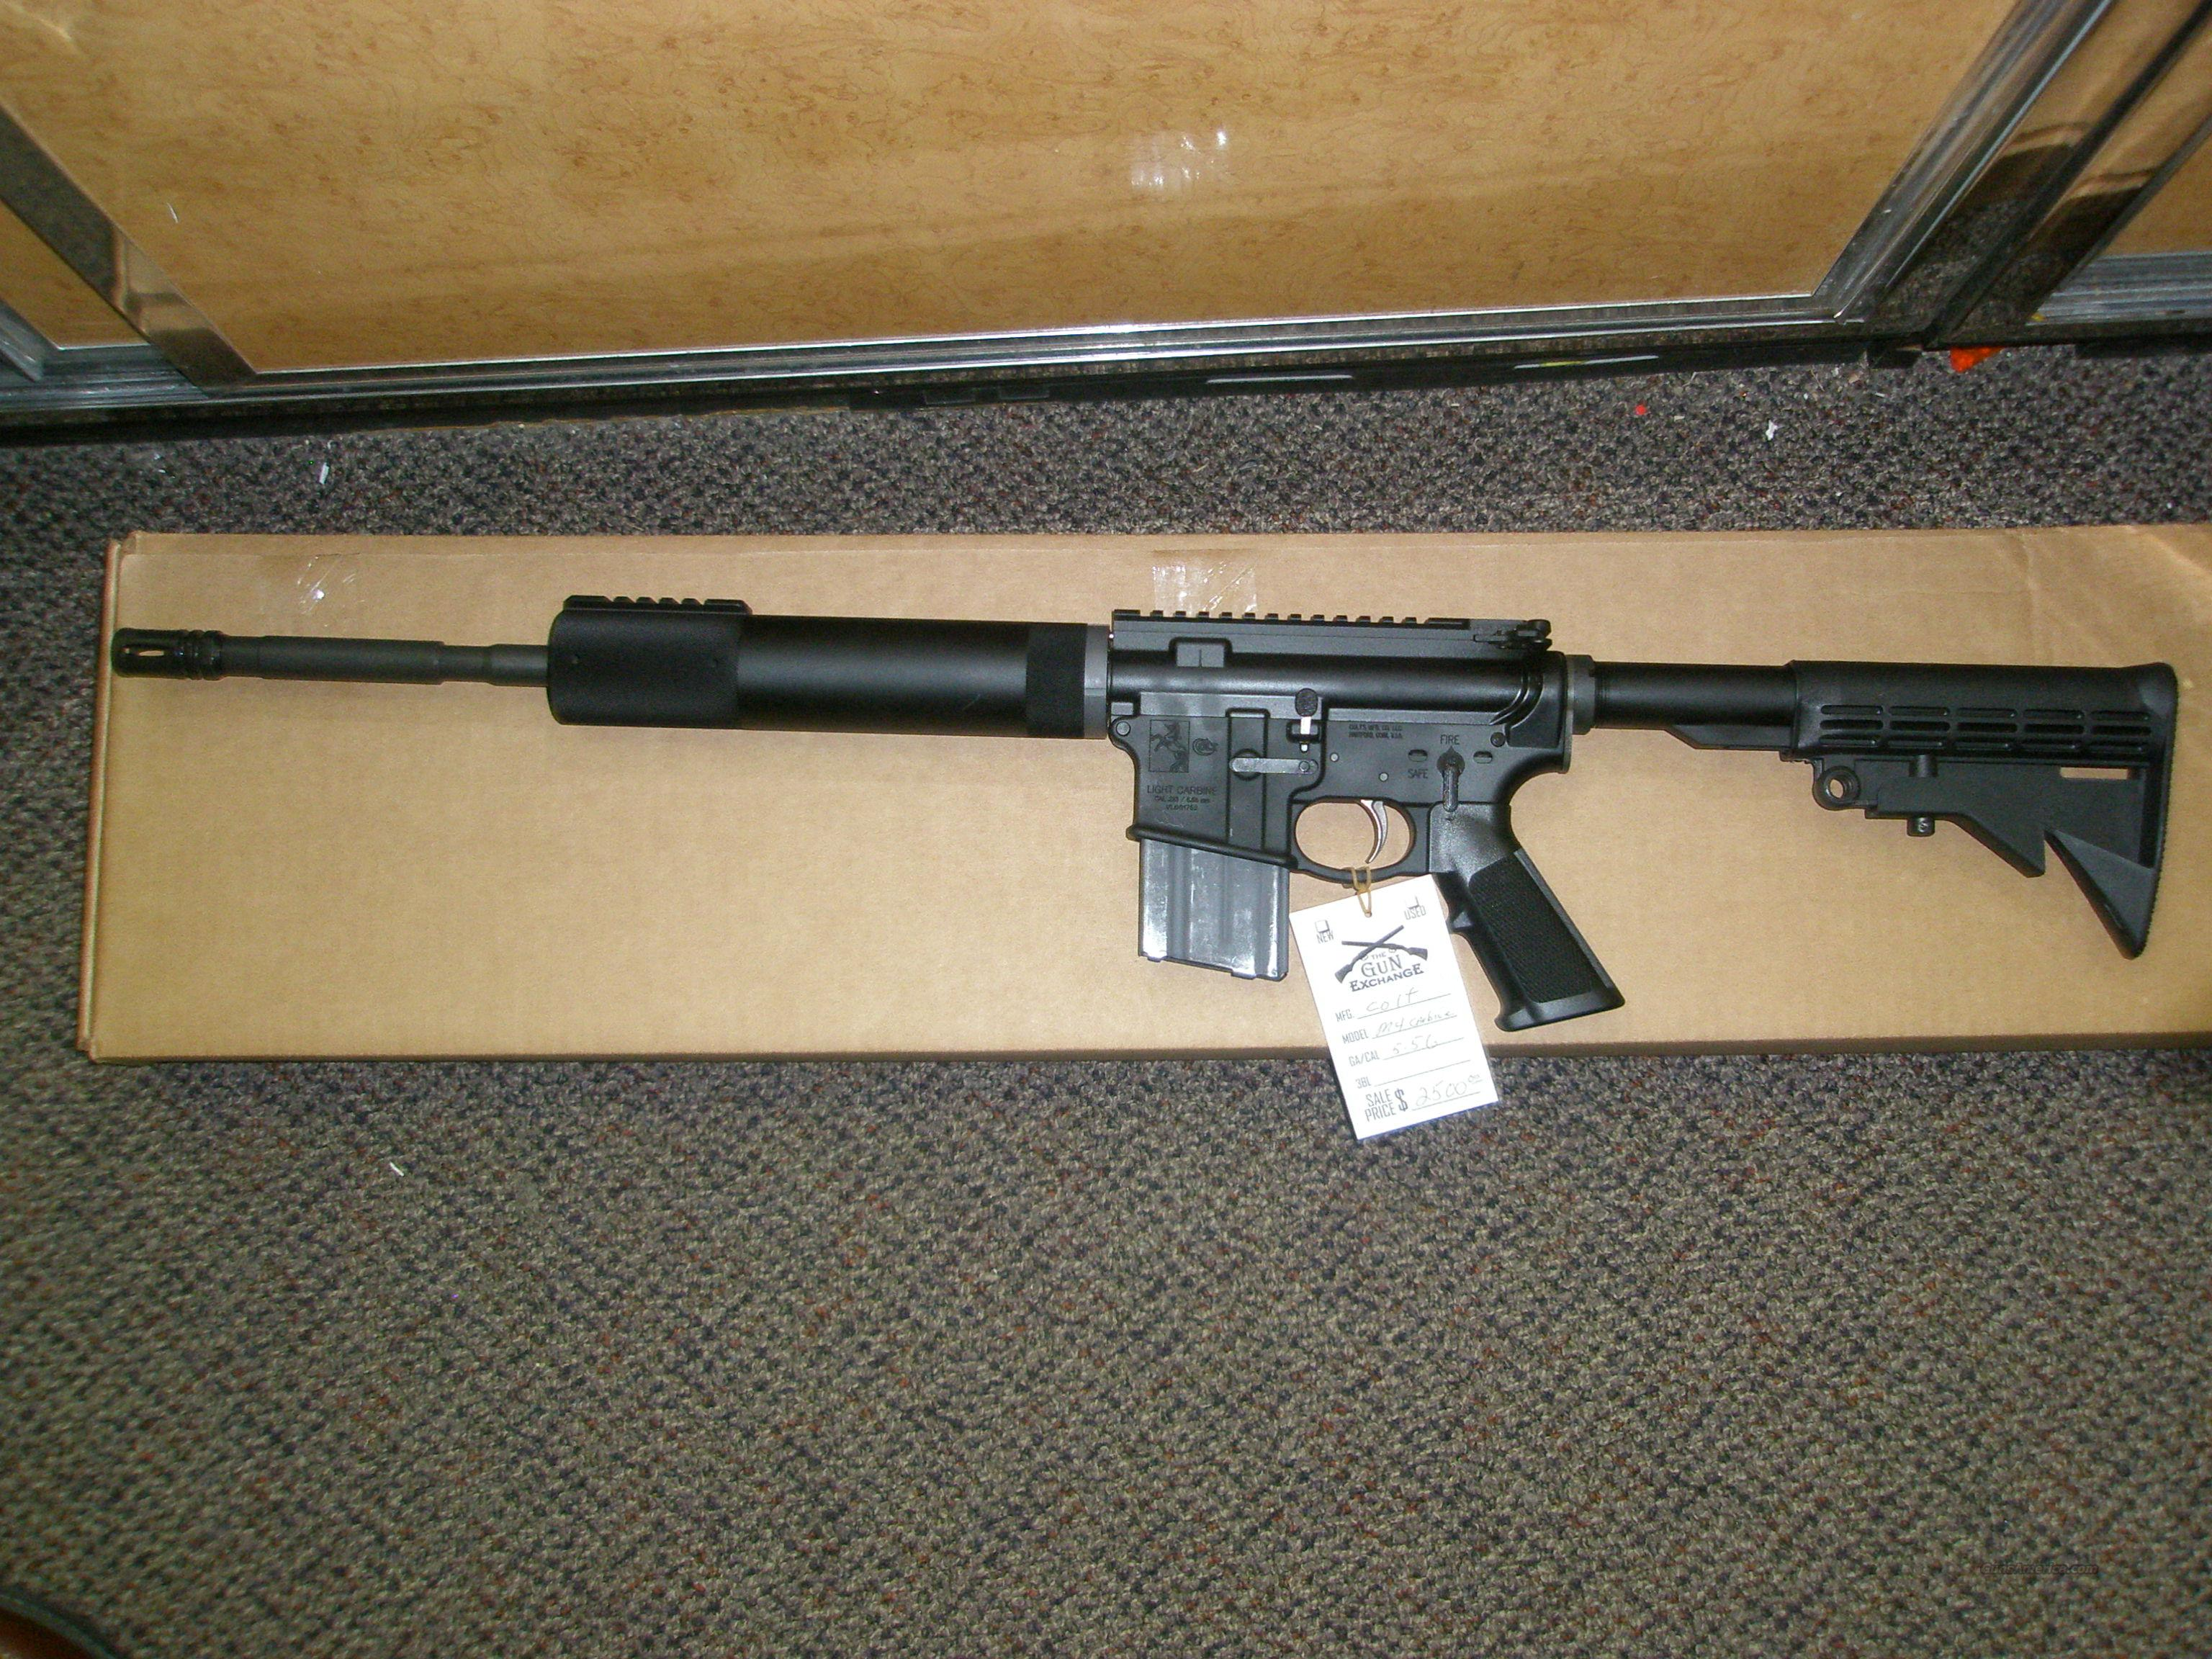 Colt Le6900 556 M4 Lightweight Carbine Nib For Sale